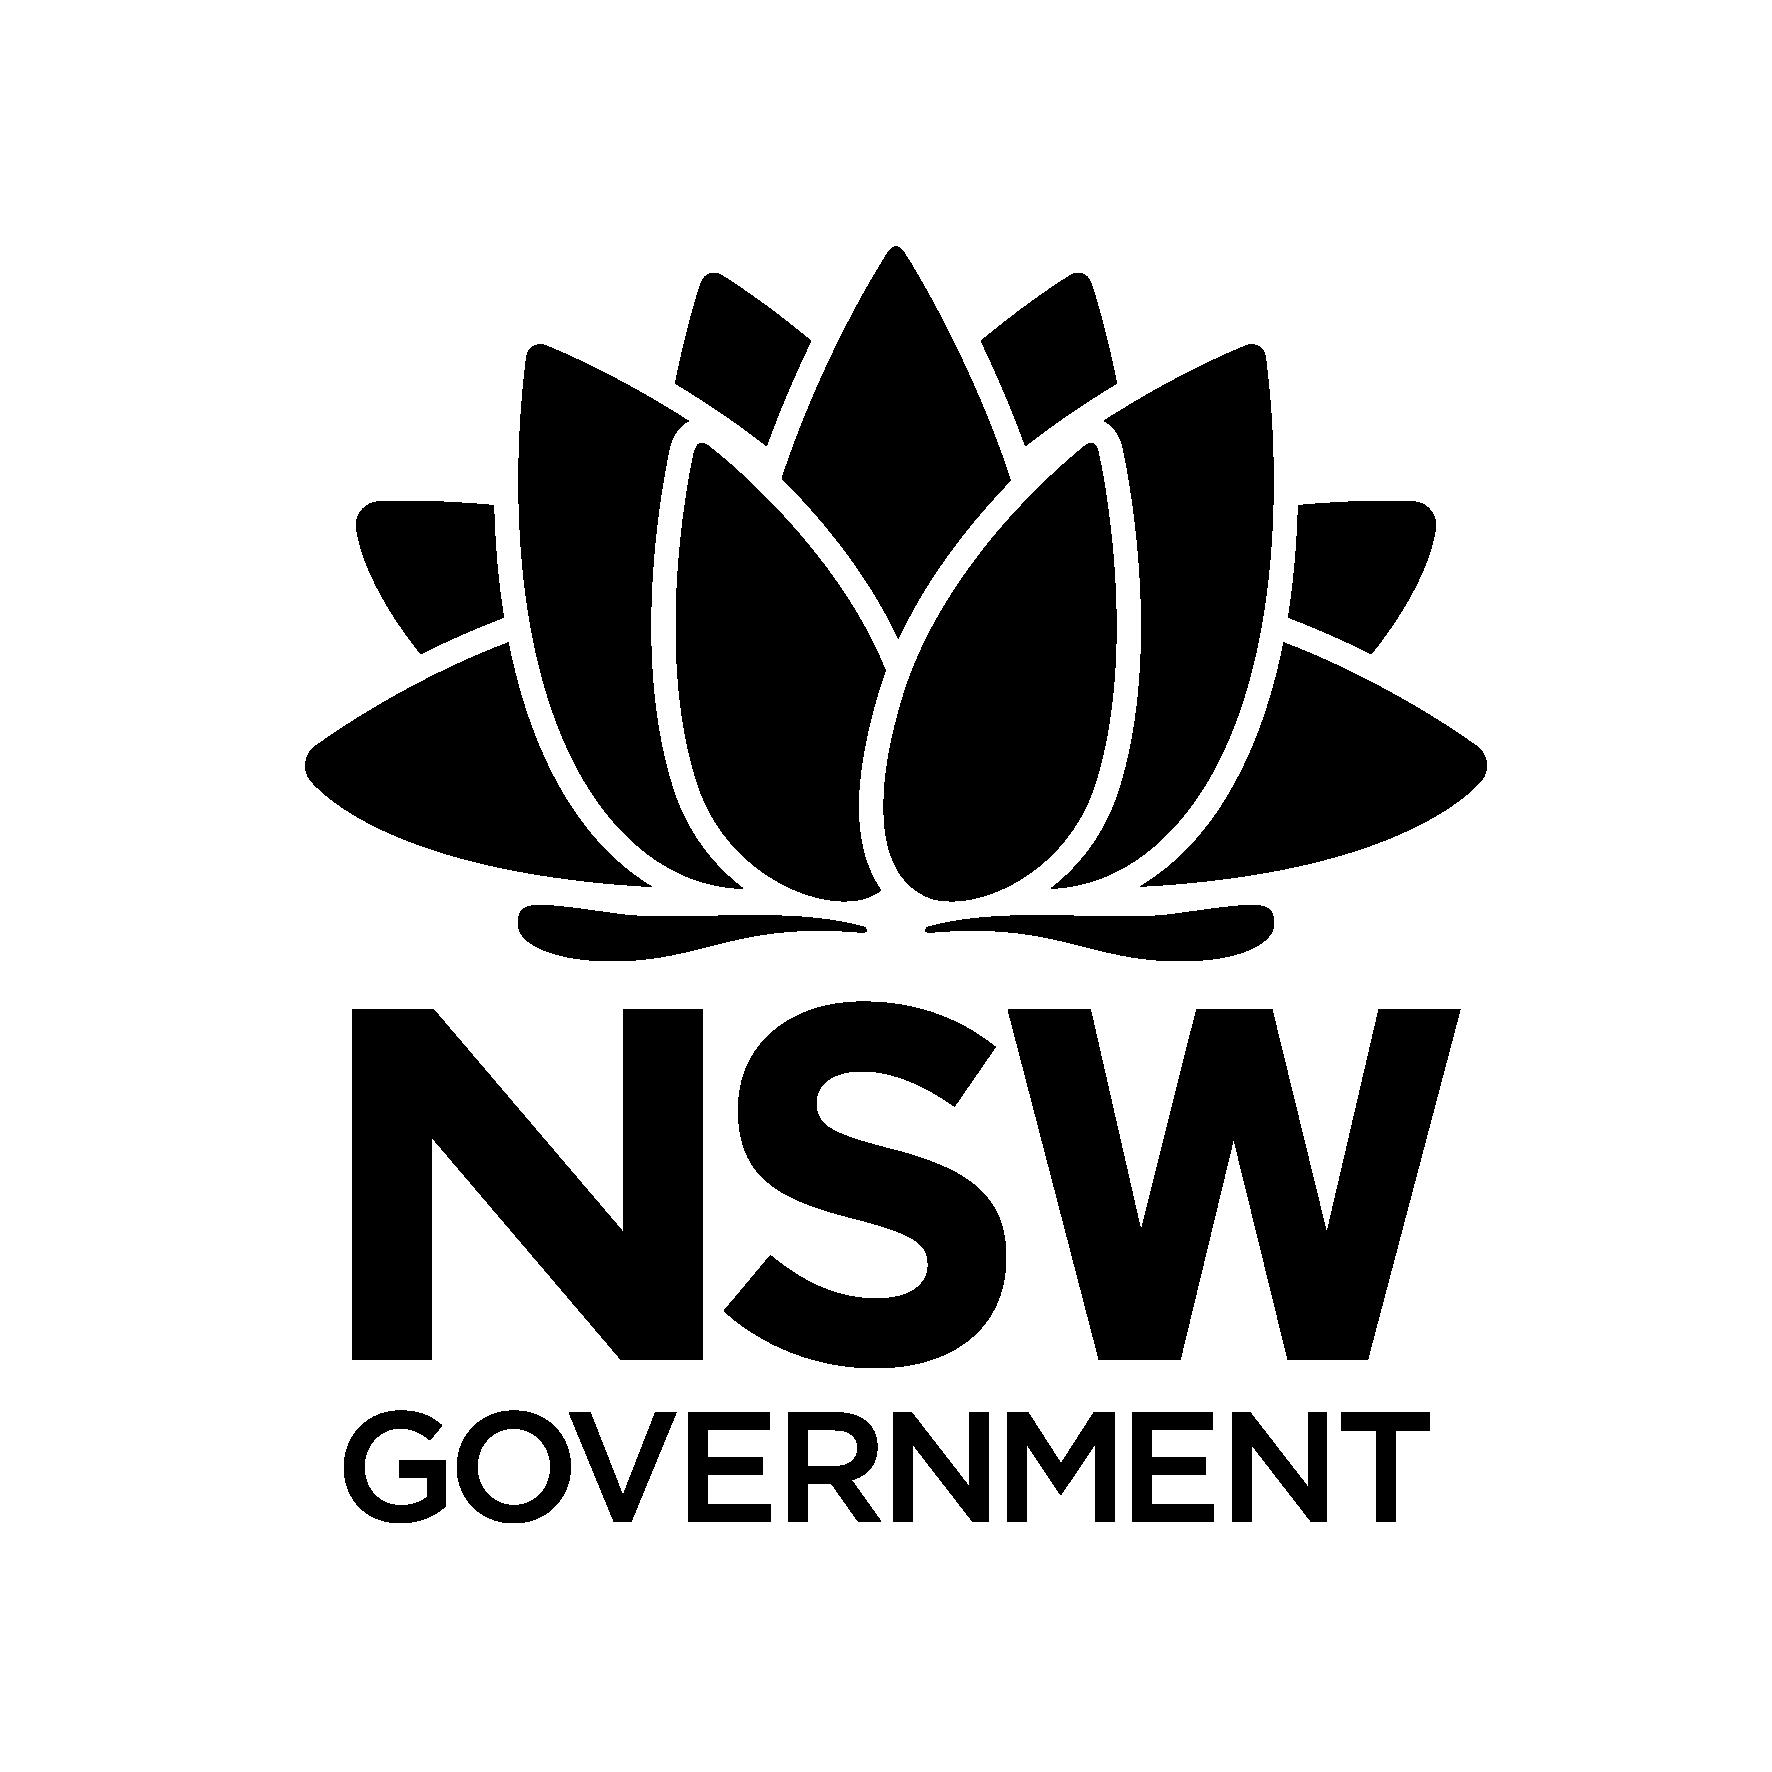 ————--— NESA Endorsed ————-—-